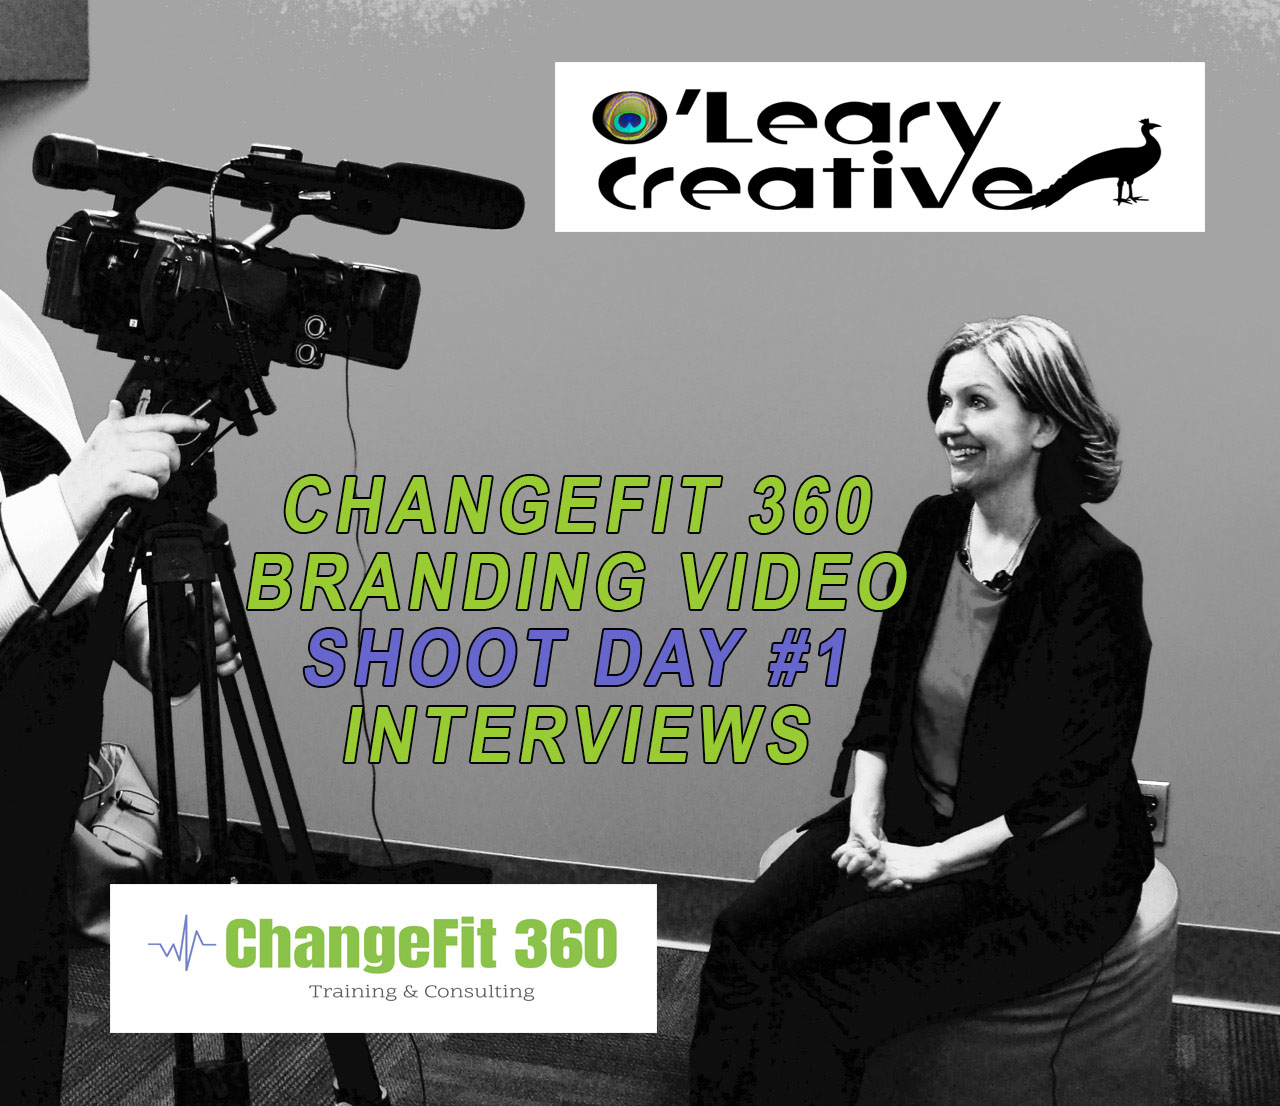 OLearyCreativeChangeFit360VideoShoot1.jpg